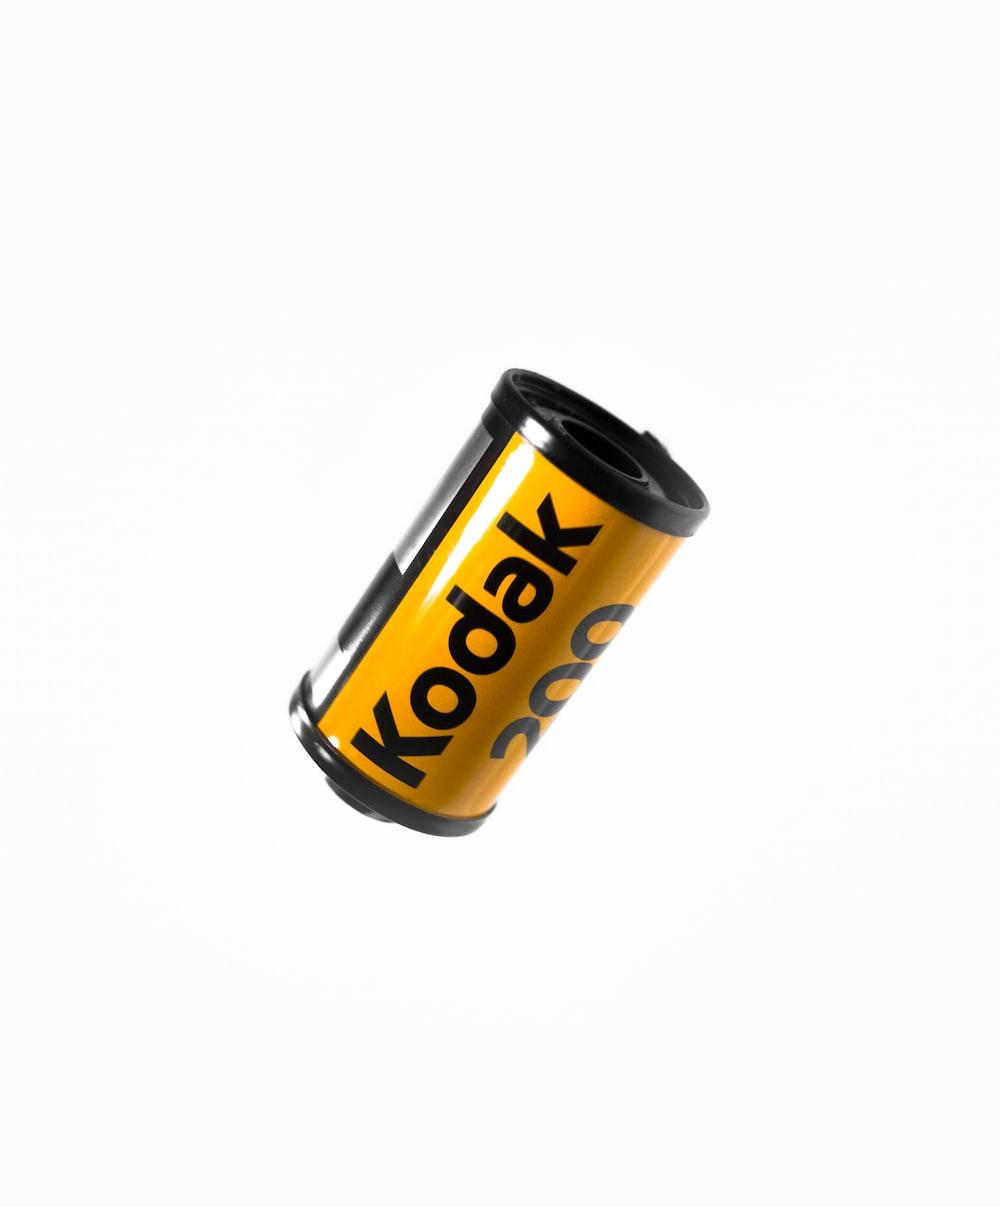 Kodak camera film